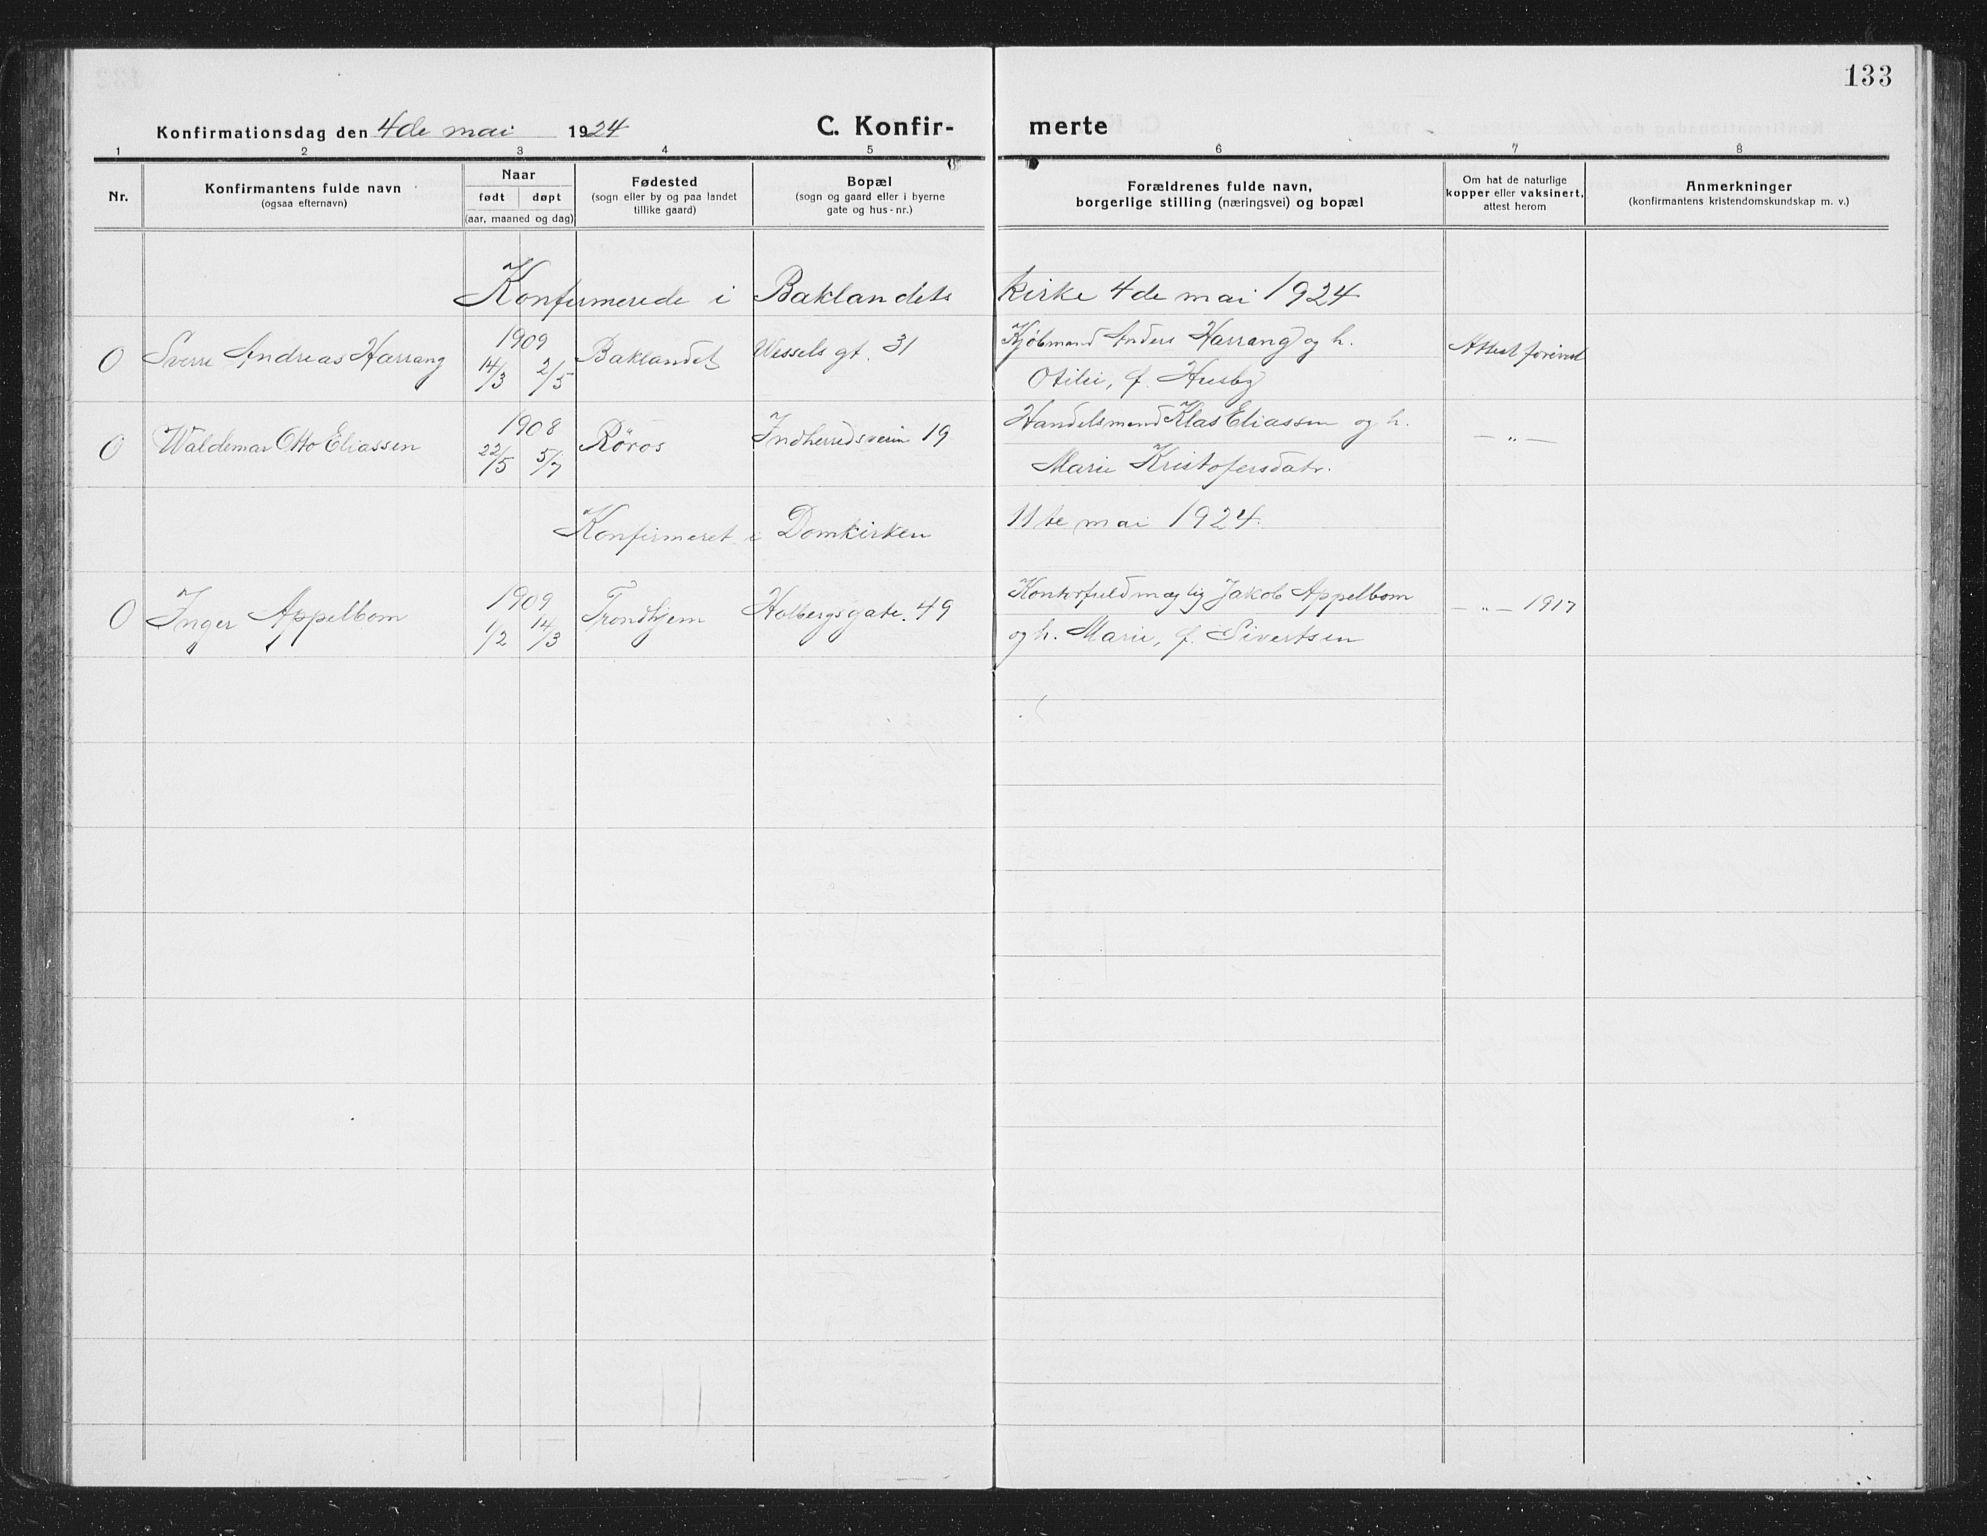 SAT, Ministerialprotokoller, klokkerbøker og fødselsregistre - Sør-Trøndelag, 605/L0258: Klokkerbok nr. 605C05, 1918-1930, s. 133